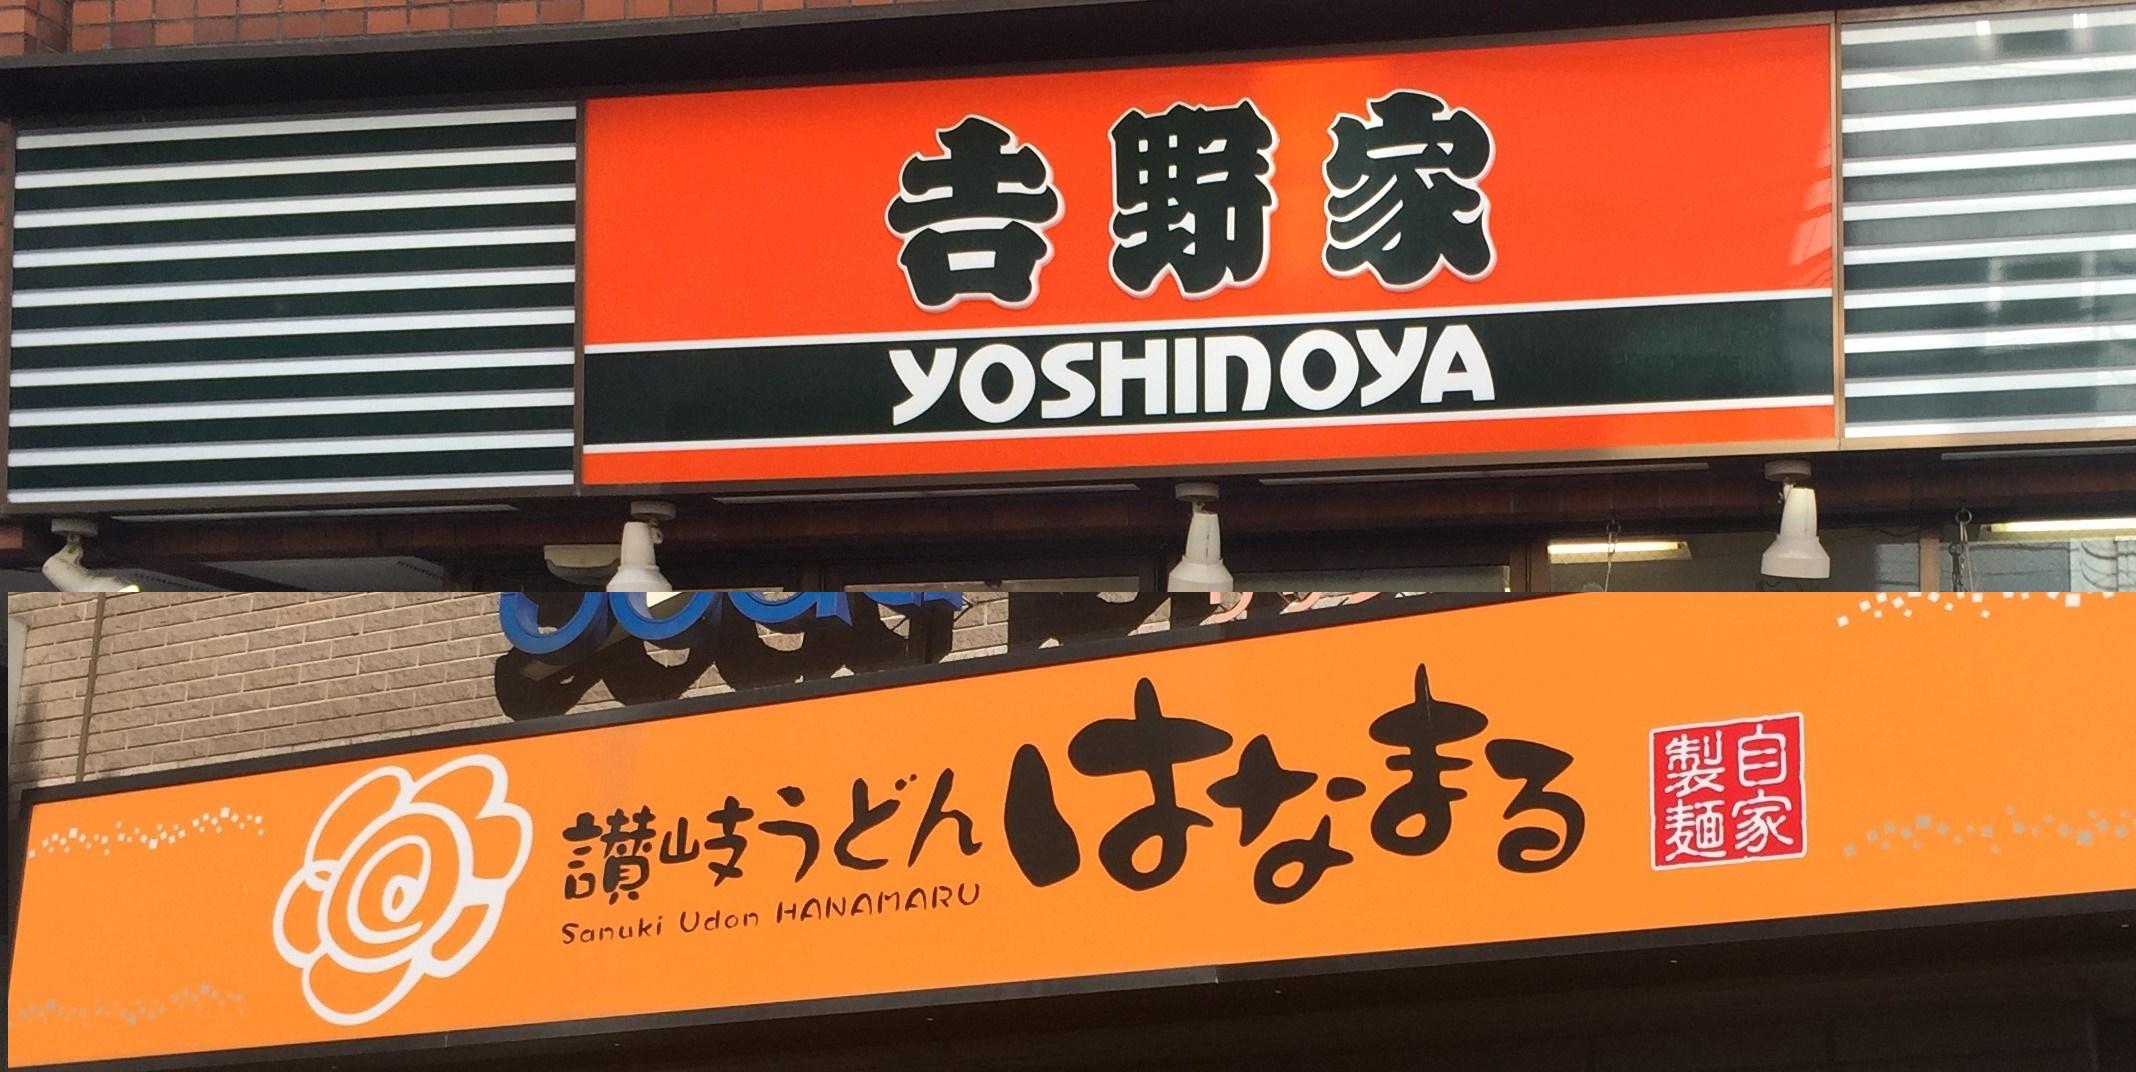 【吉野家HD】寿司、ステーキ…買収後の業績は「はなまる」には遠く